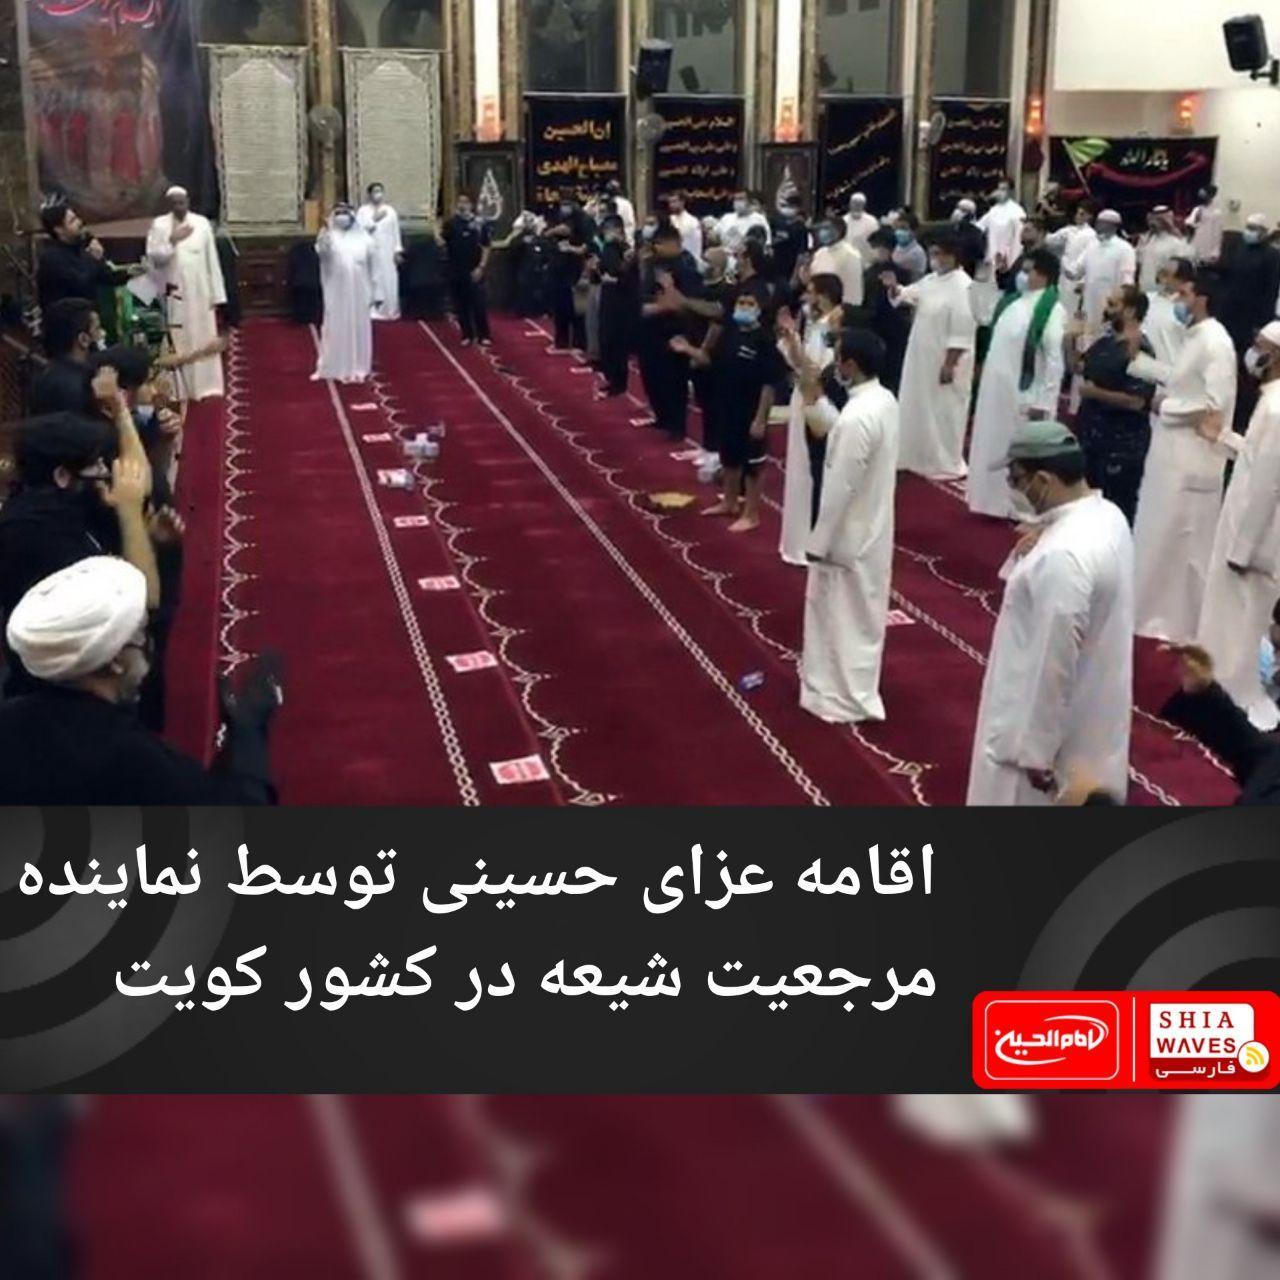 تصویر اقامه عزای حسینی توسط نماینده مرجعیت شیعه در کشور کویت